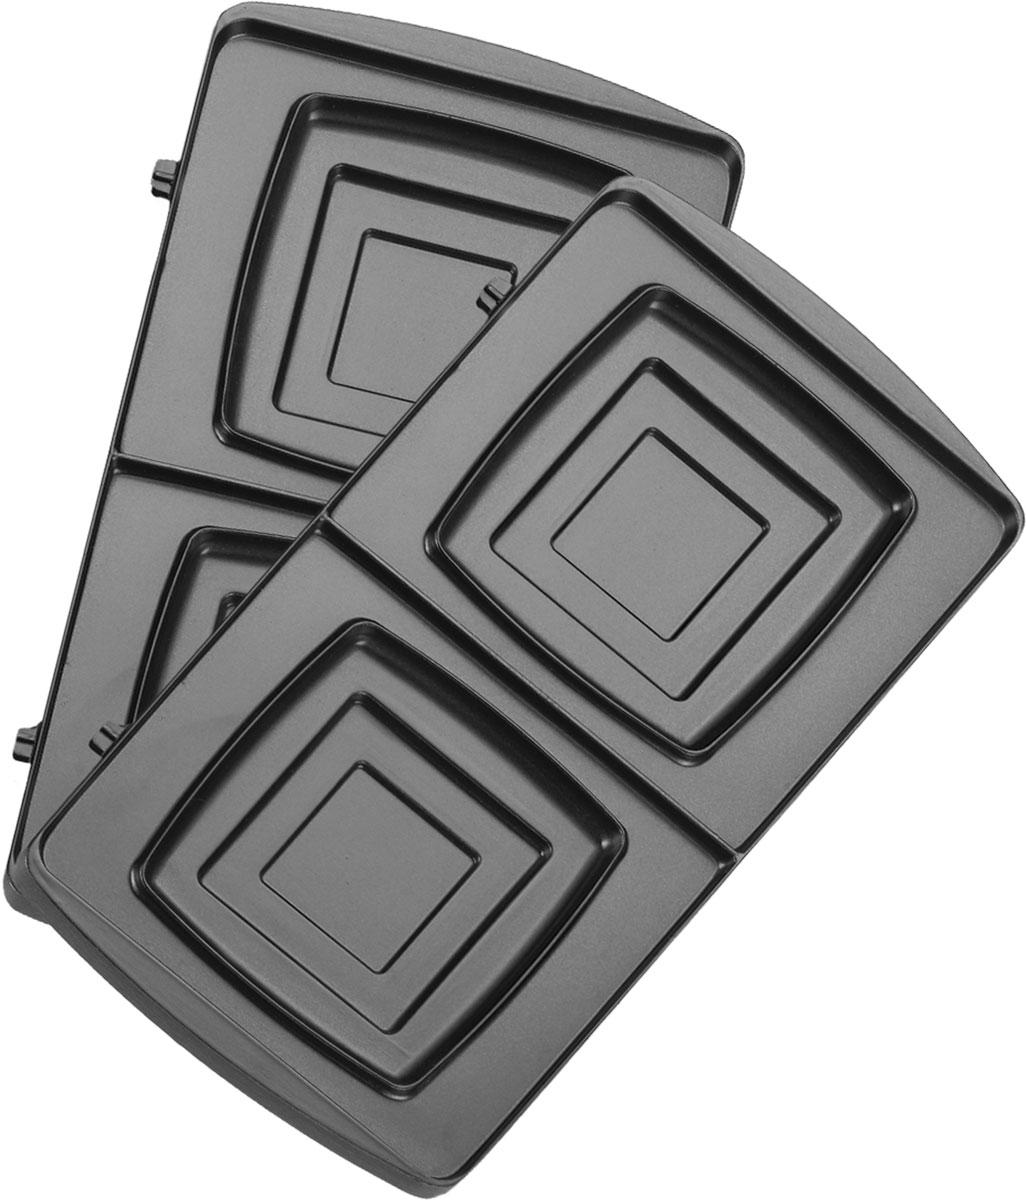 Redmond RAMB-04 панель для мультипекаряRAMB-04Универсальные съемные панели для любого мультипекаря REDMOND! Позволят приготовить бисквитные пирожные с заварным кремом, печенье или пряники с разнообразными вкусами. Панели изготовлены из металла с антипригарным покрытием – они долговечны и легки в уходе.